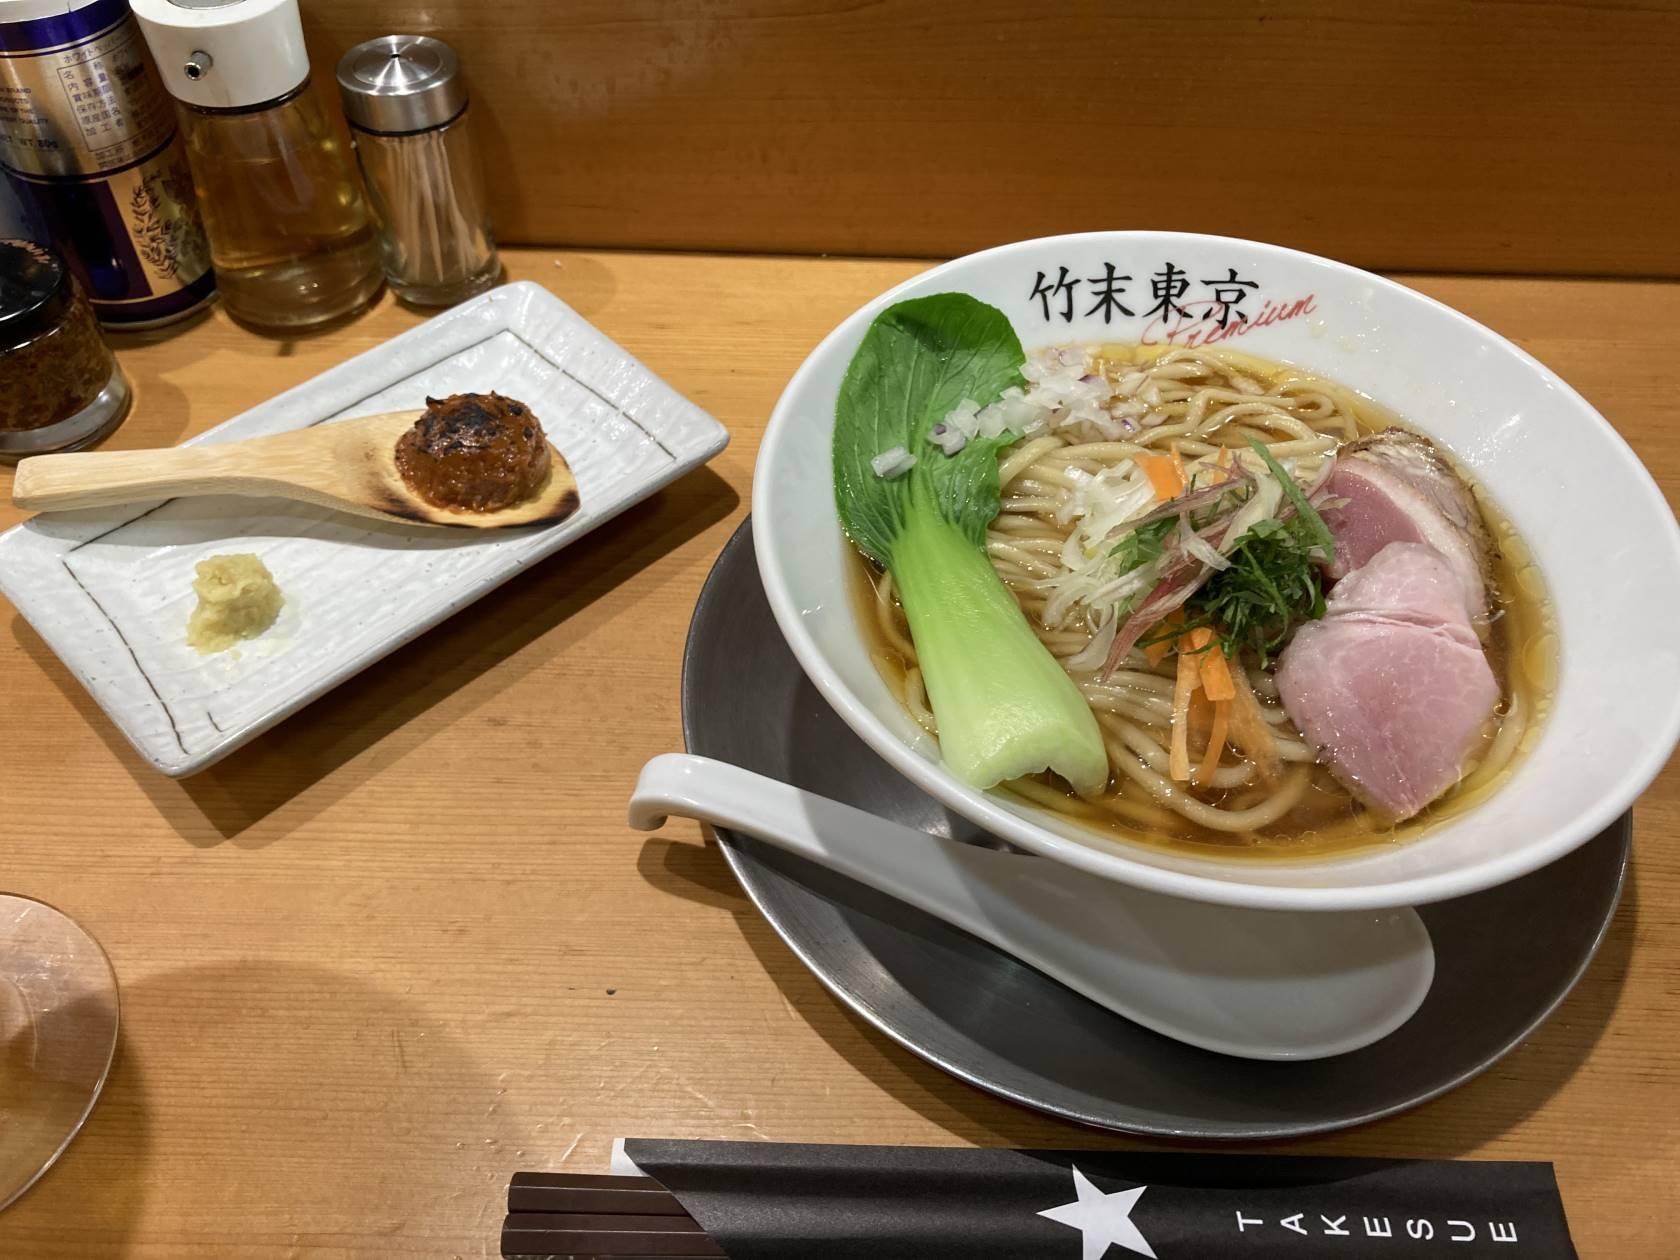 茗荷味噌ラーメン 竹末東京プレミアムの季節限定麺